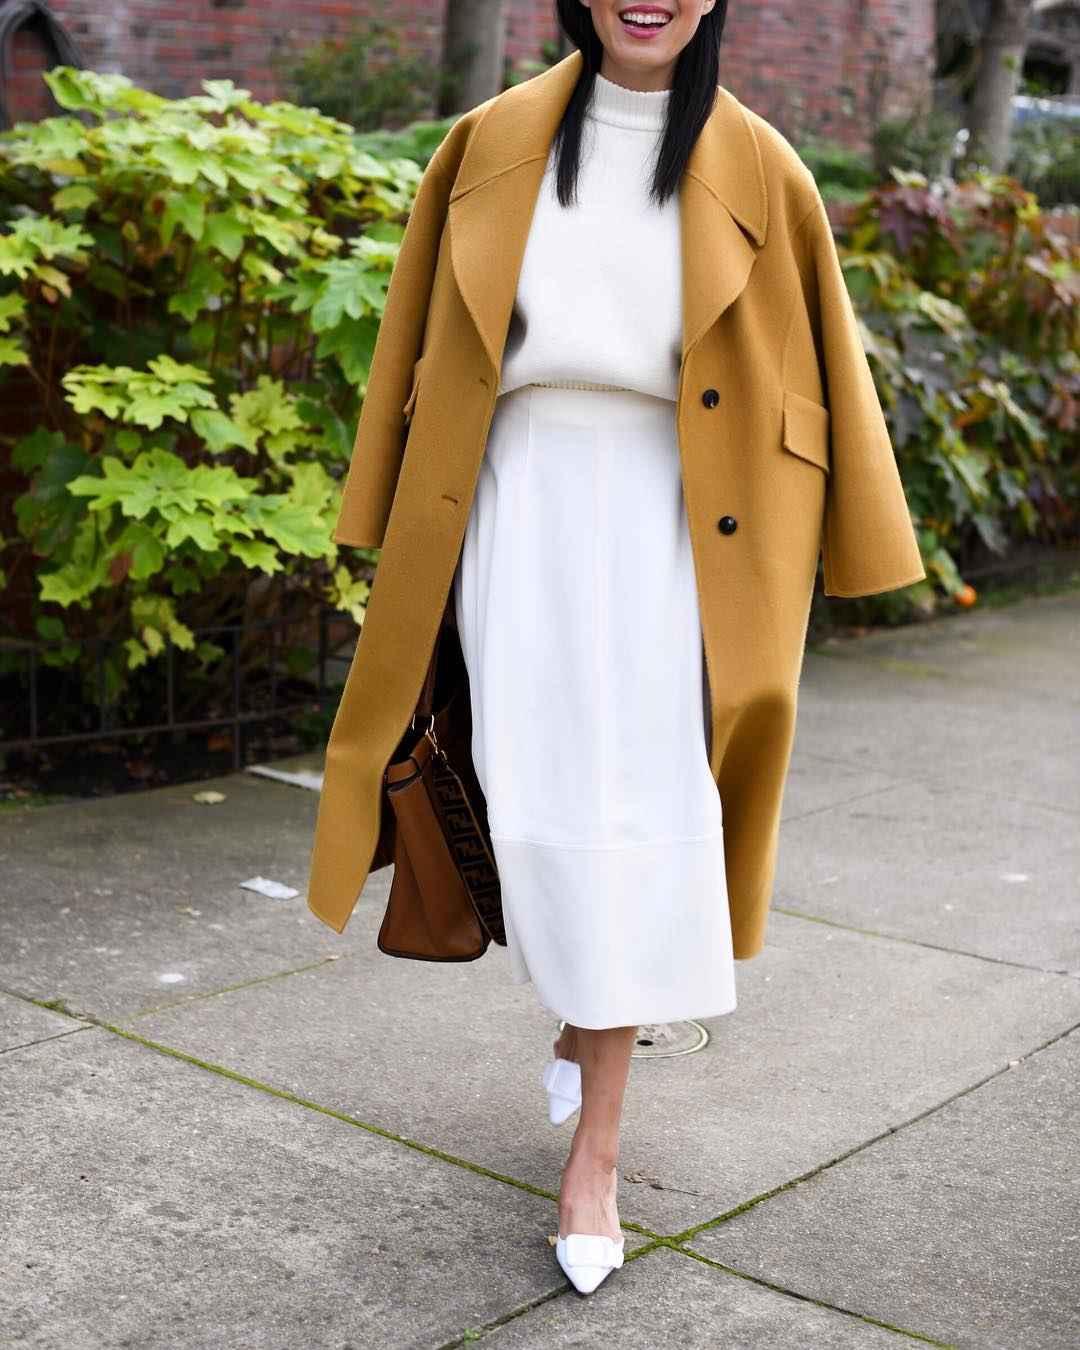 Деловые платья для женщин фото идеи_13